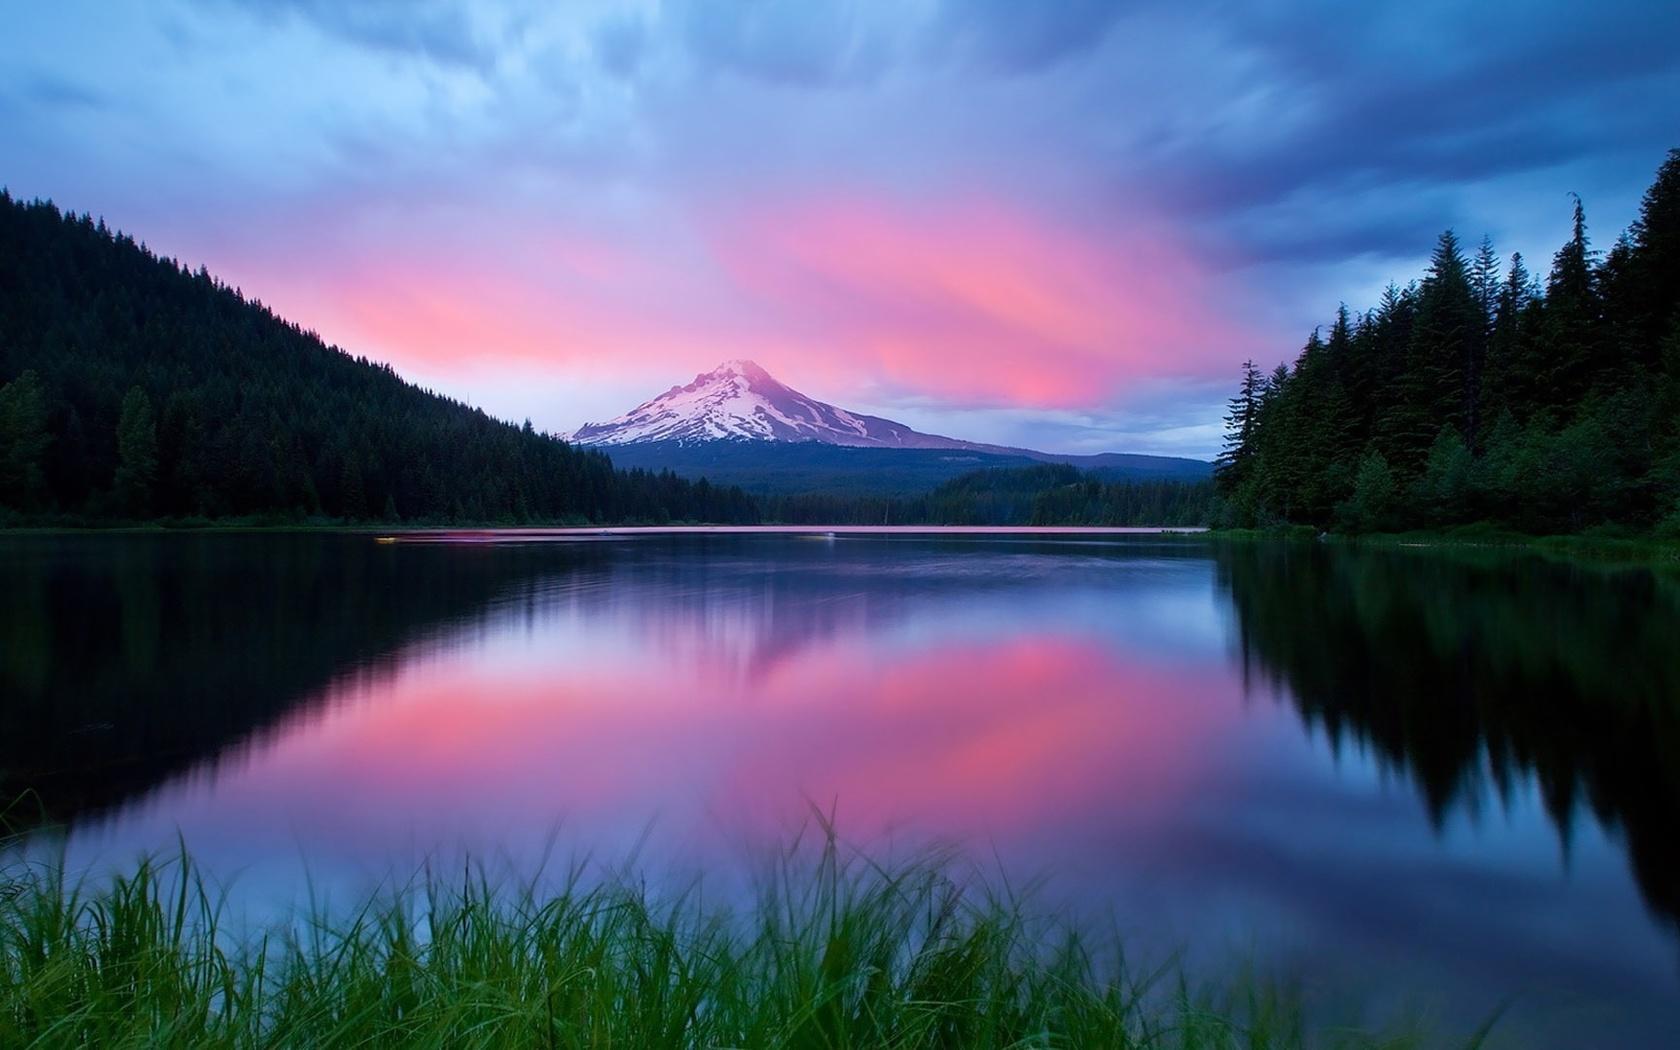 разноцветные разводы по воде, закат, лес вокруг озера, небо, облака